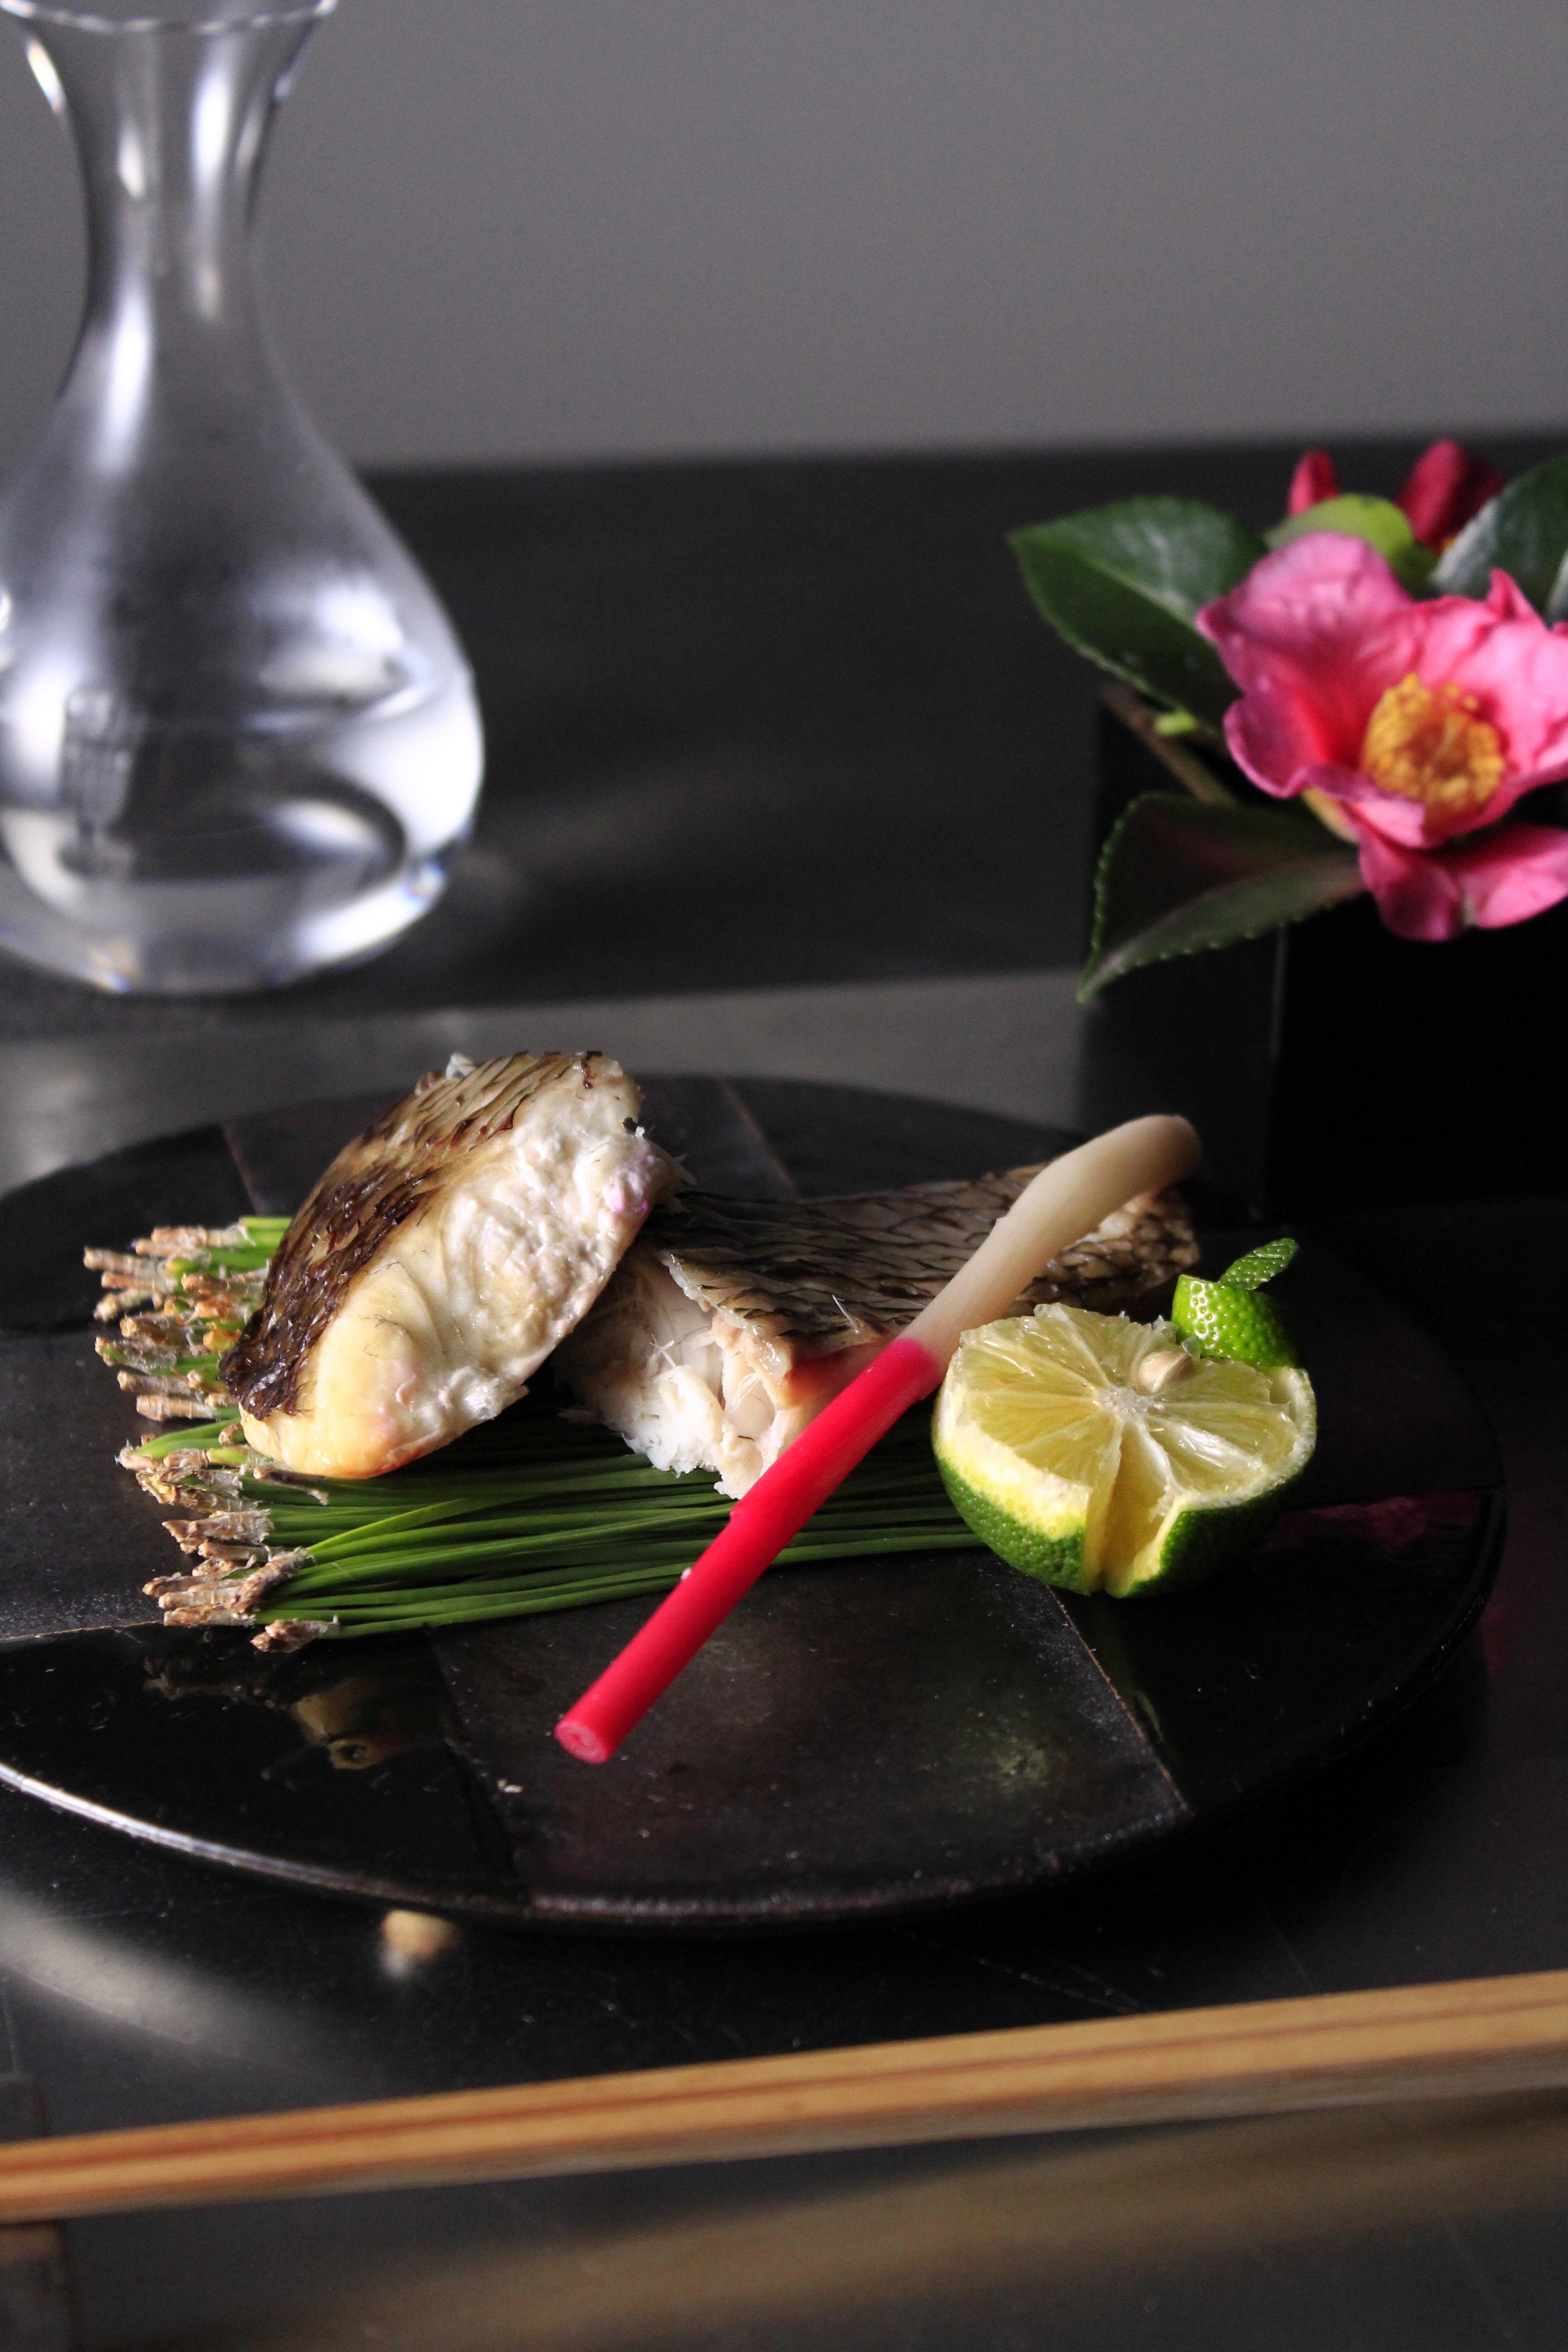 買ってきた焼き魚を盛り付け⑤